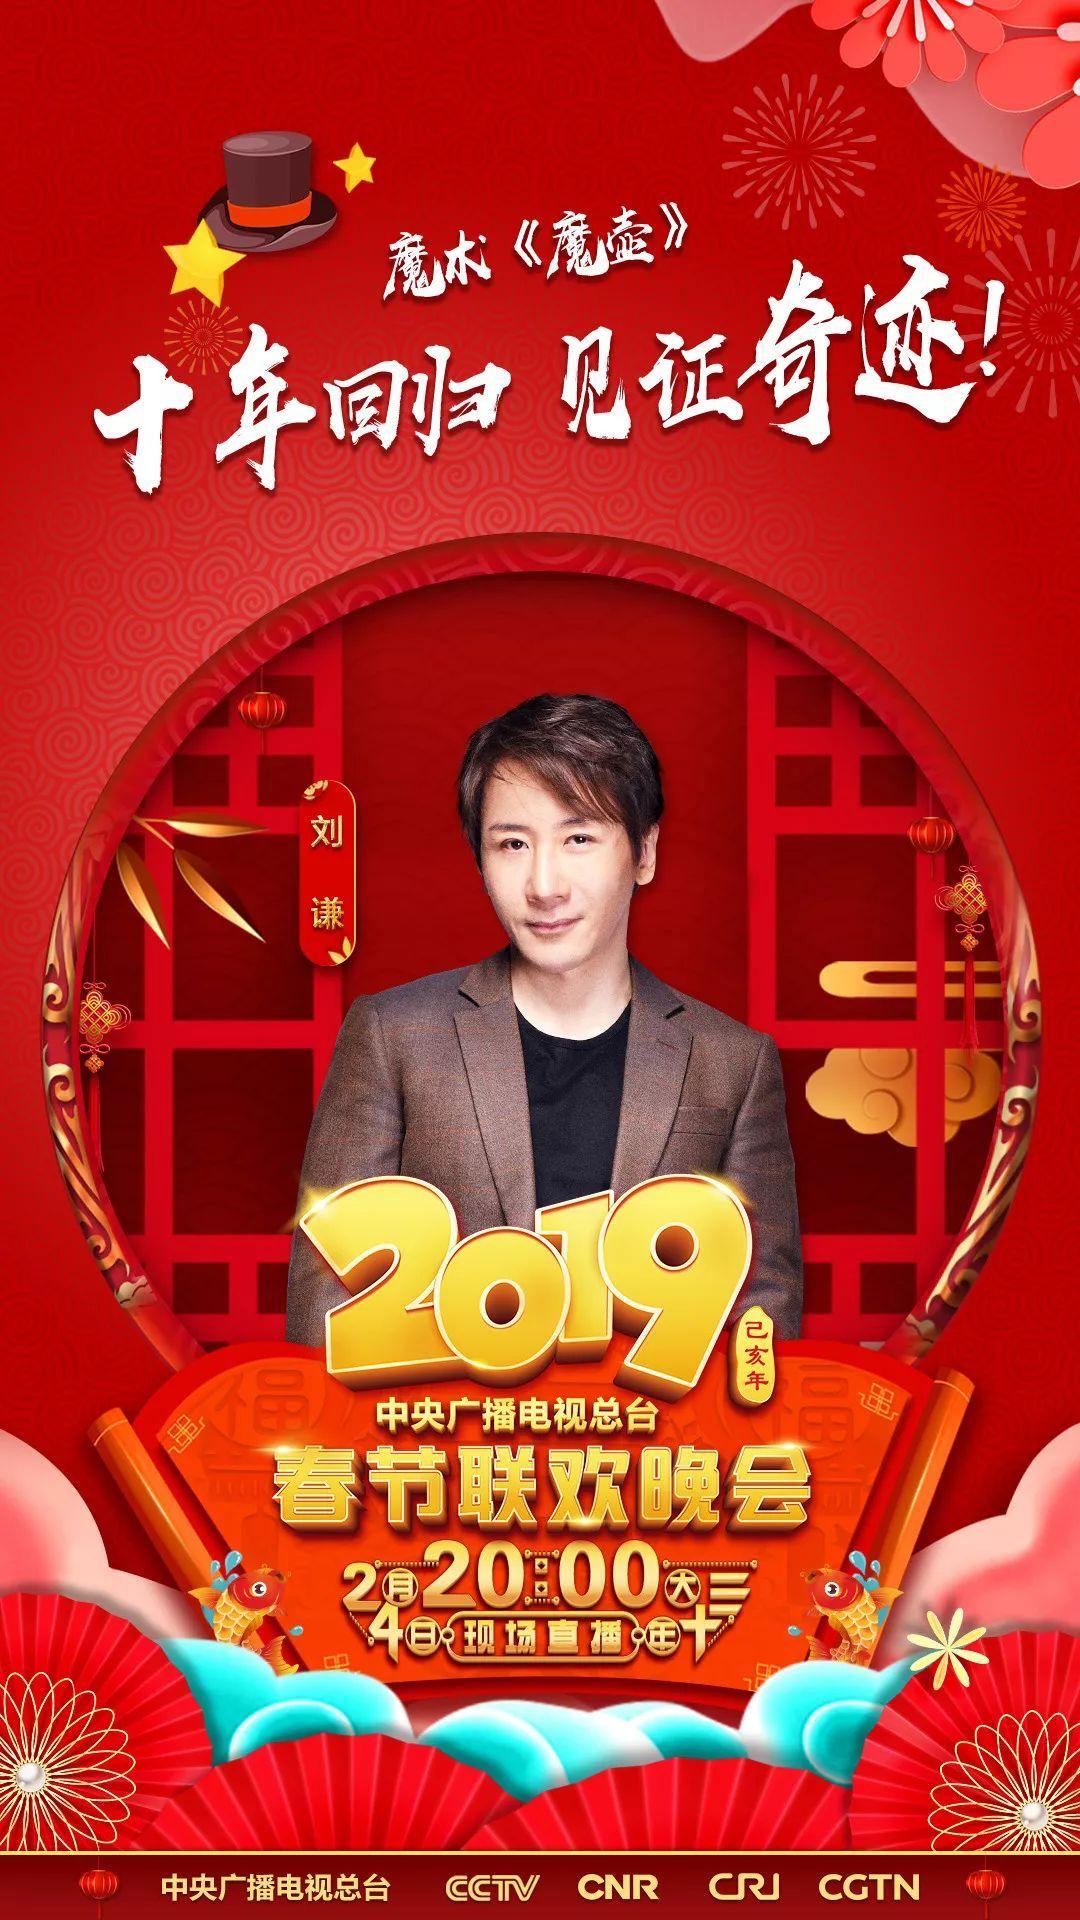 2019年春节联欢晚会 节目名单暨演员阵容全解锁